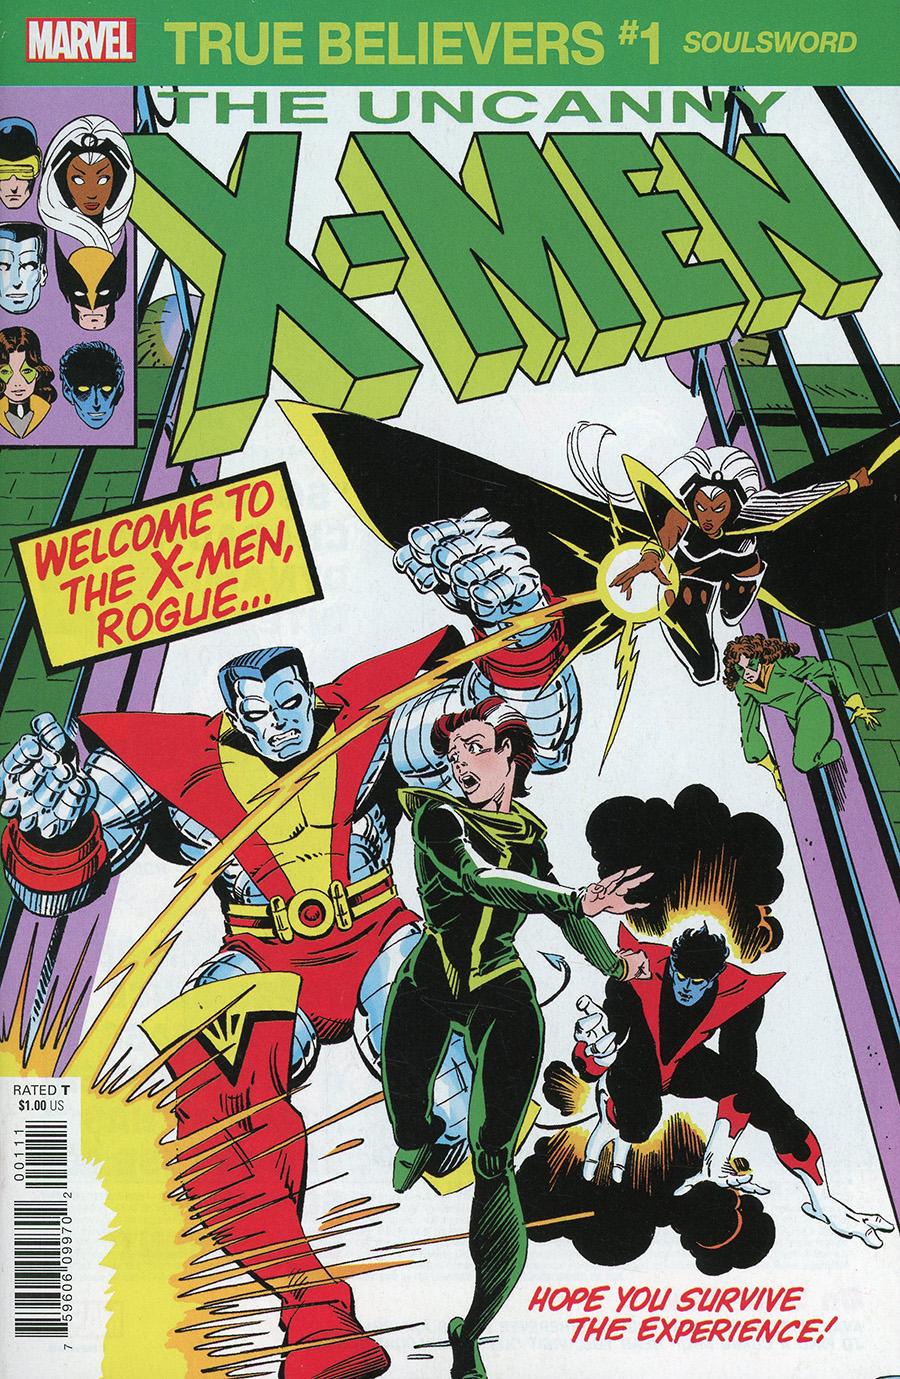 True Believers: X-Men - Souldsword #1